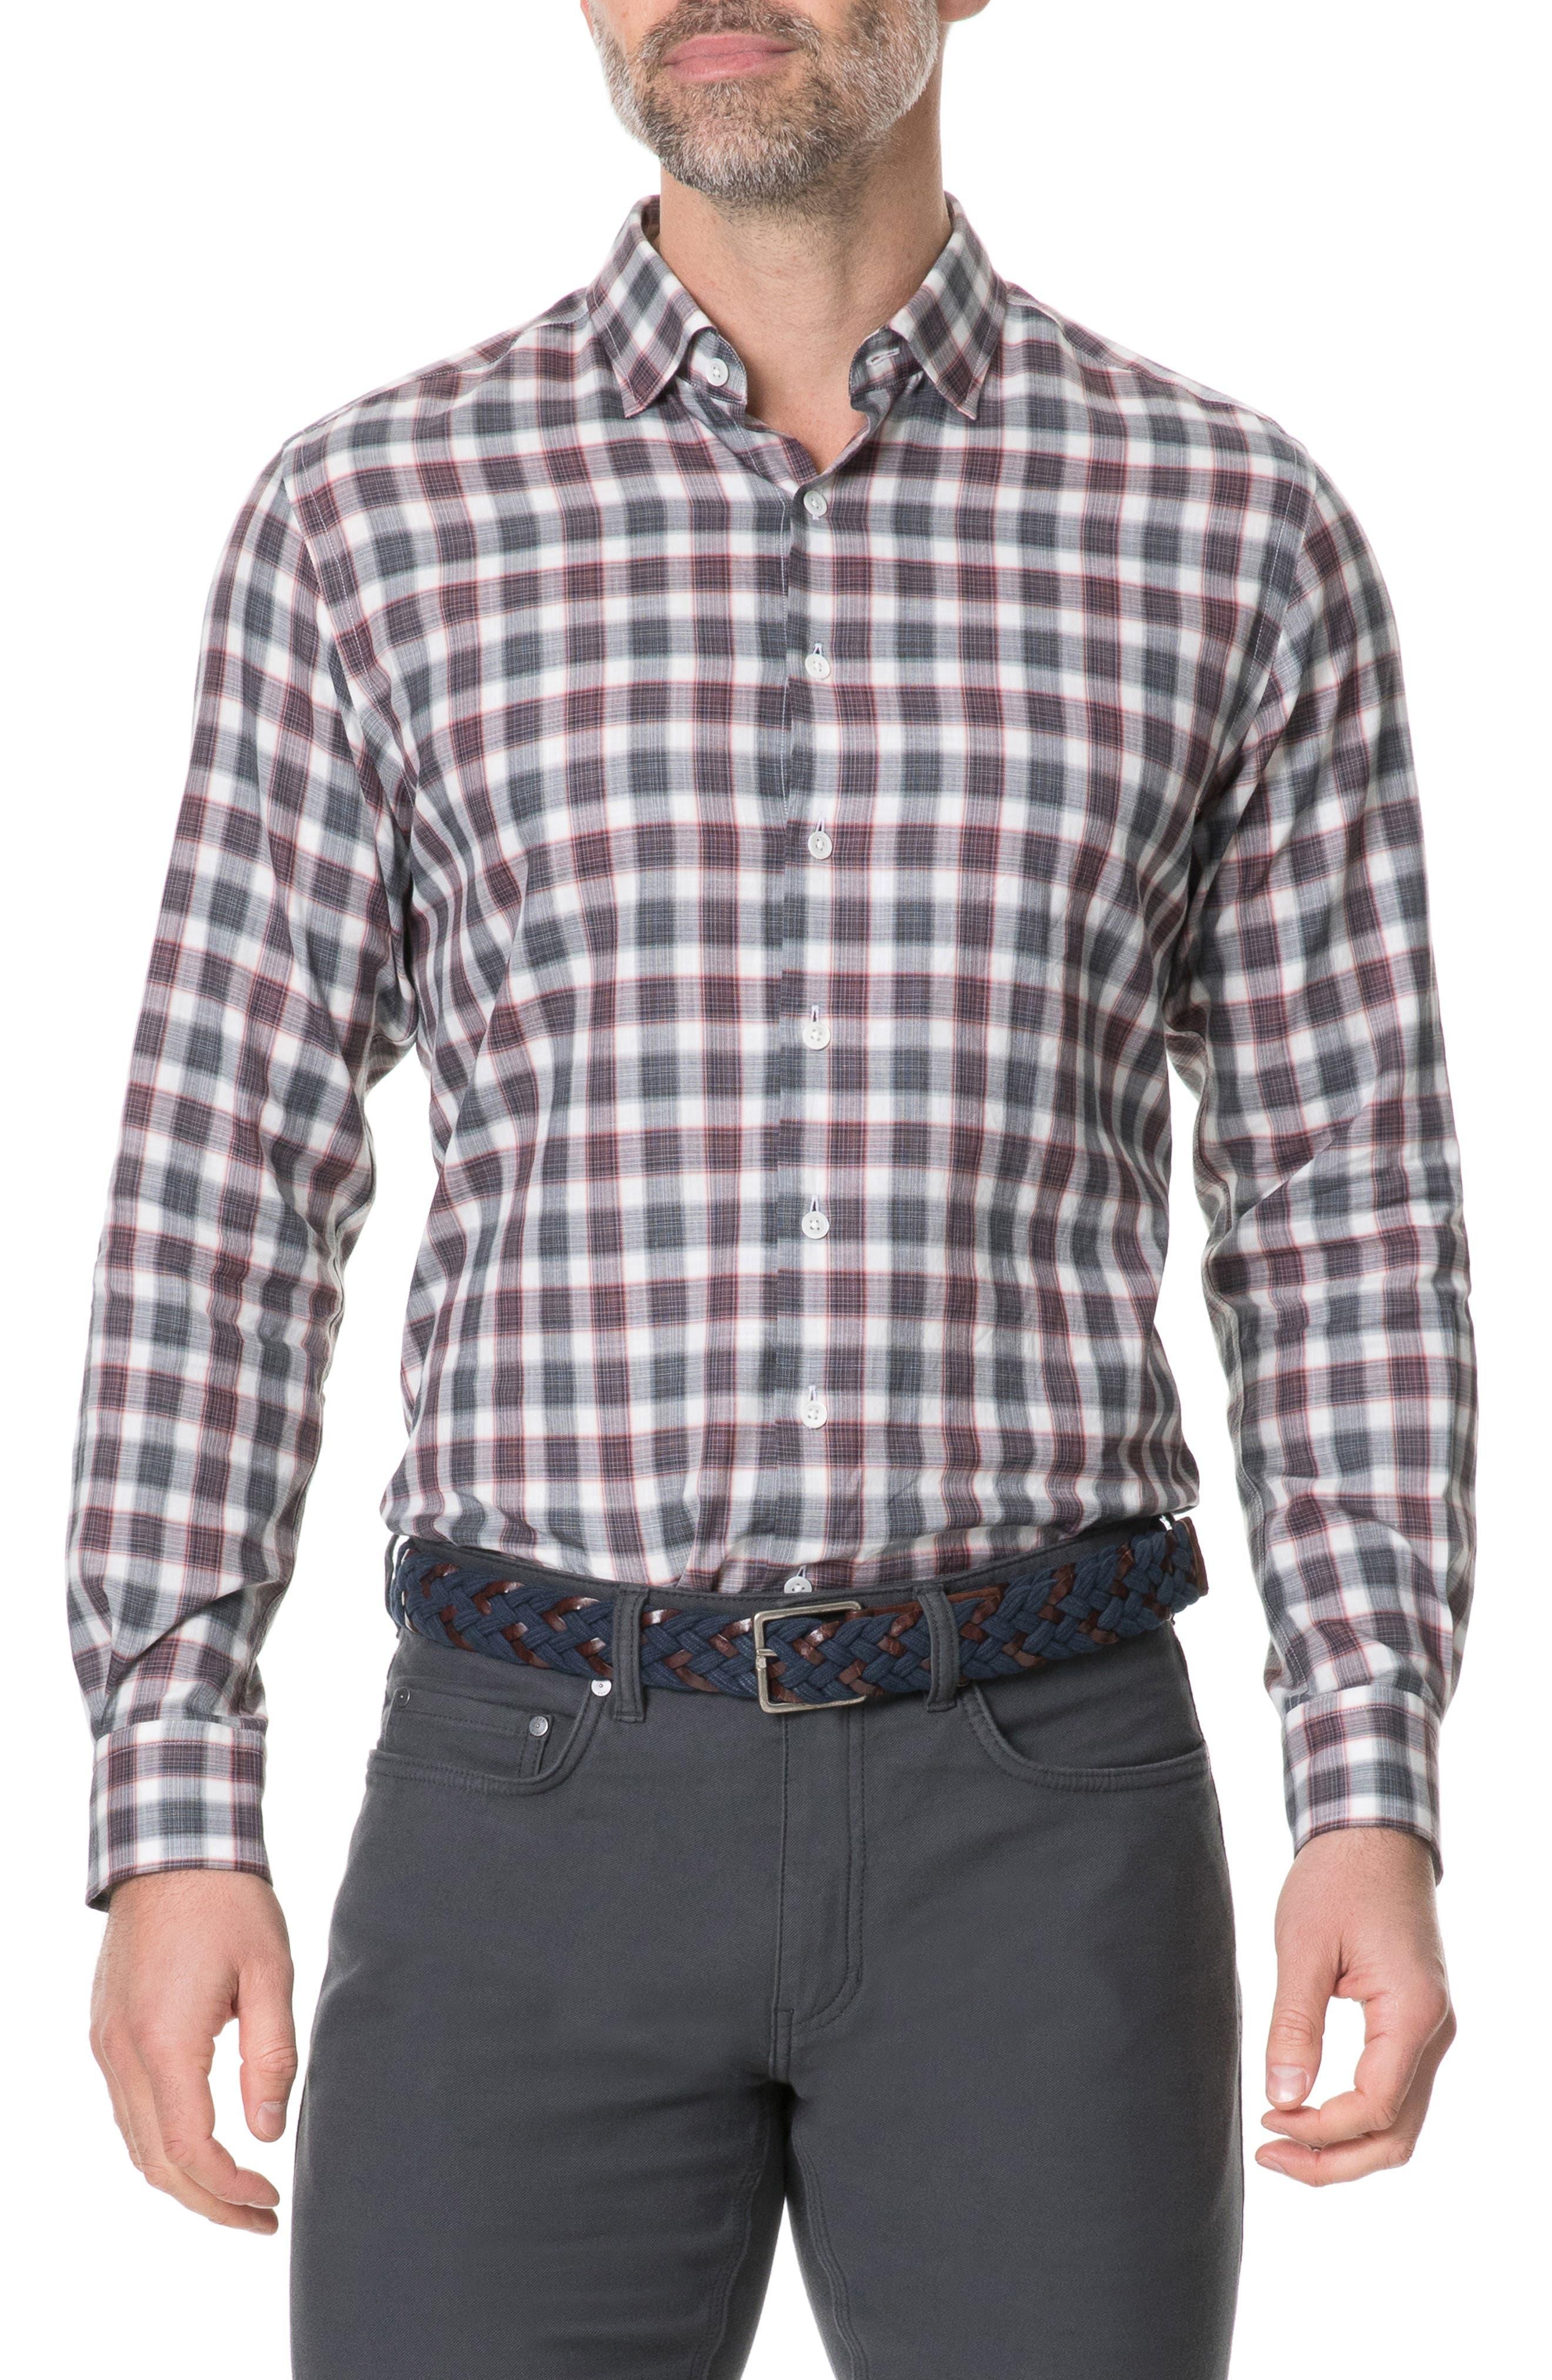 Image of RODD AND GUNN Wickham Regular Fit Check Button-Up Sport Shirt